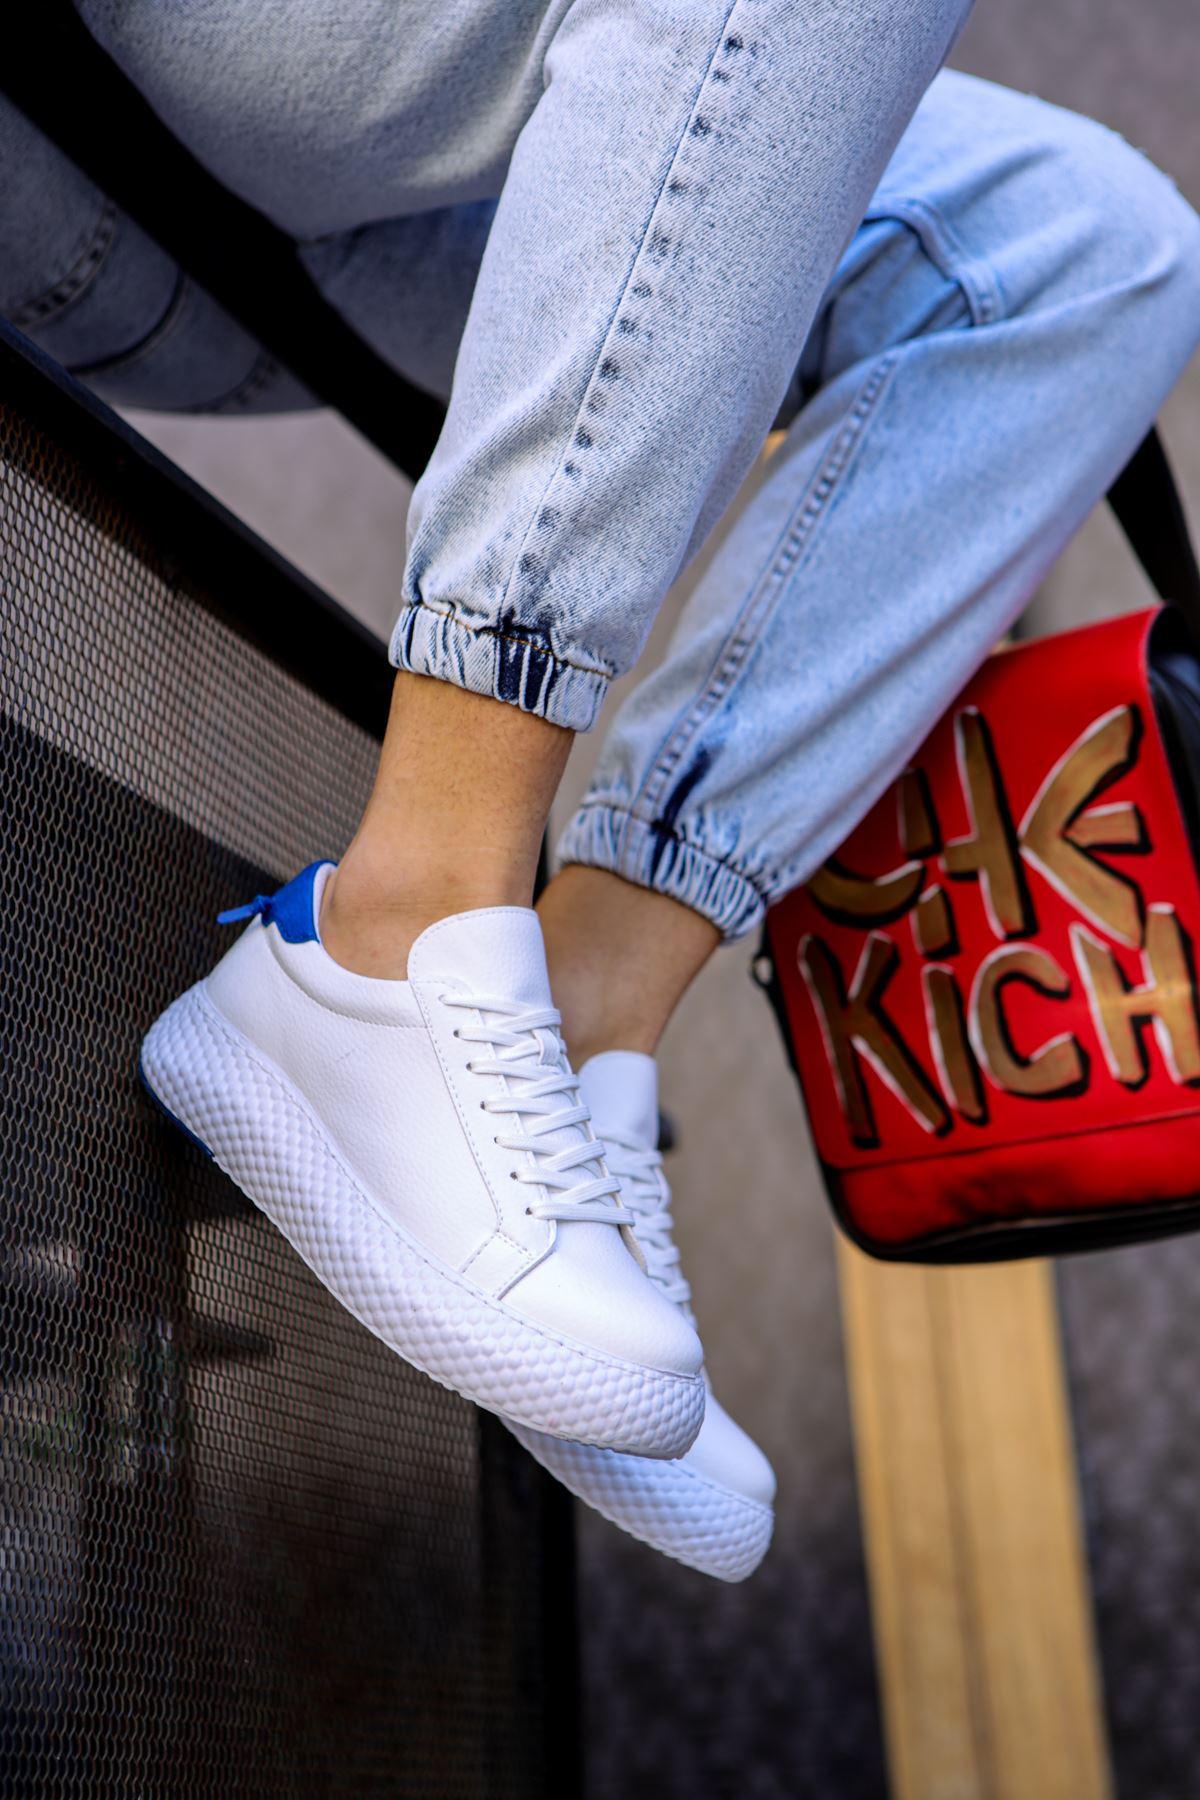 Chekich CH107 GBT Erkek Ayakkabı BEYAZ / SAX MAVİ